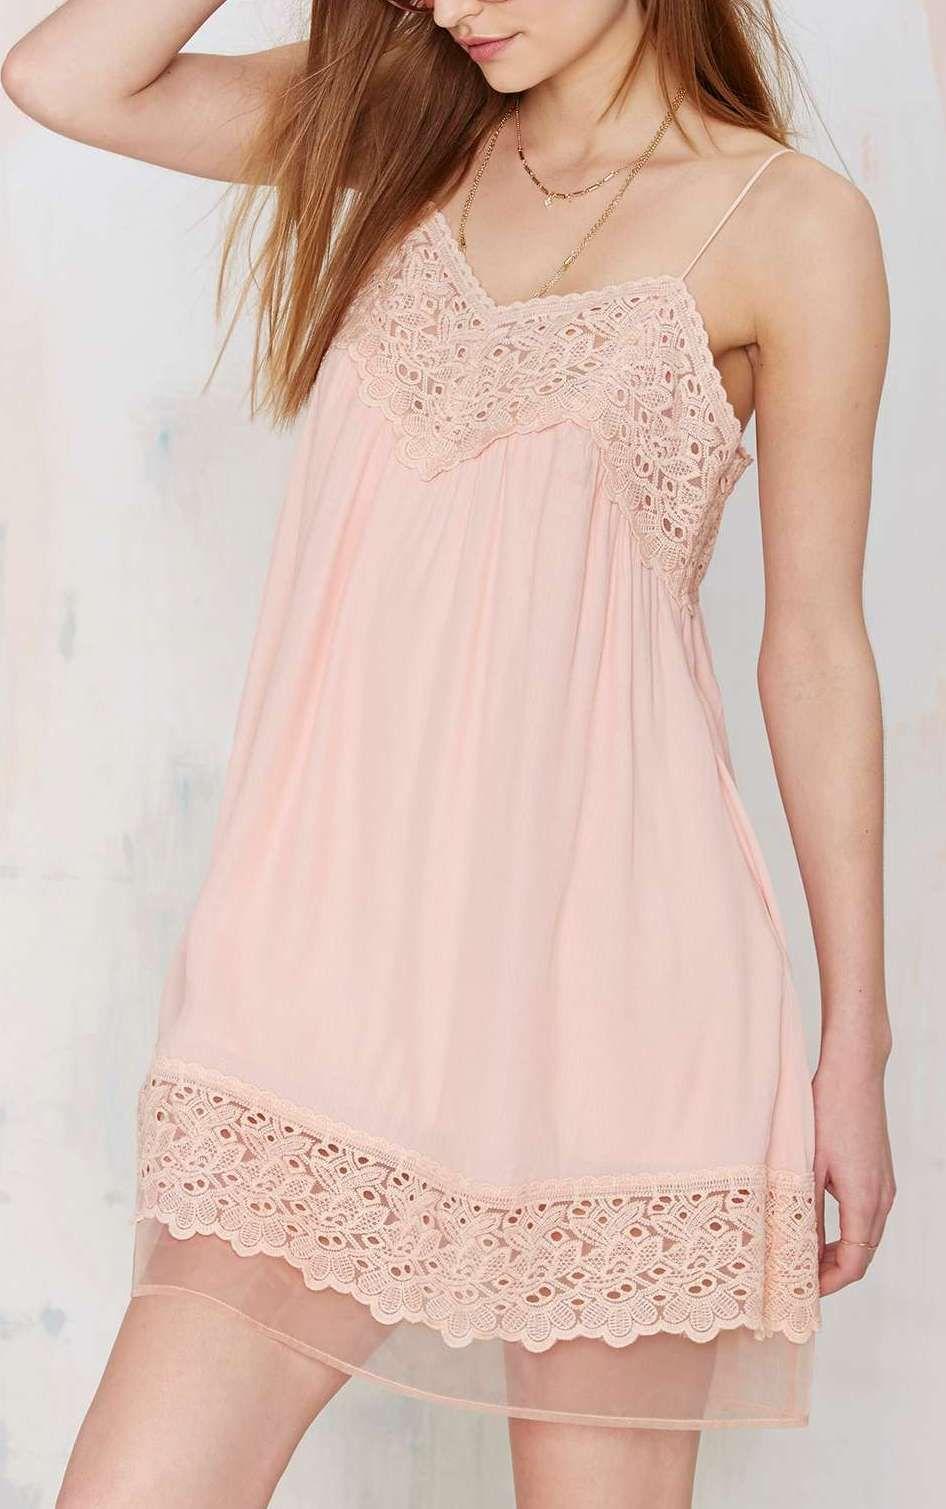 Joa Sweet Emotion Lace Dress   Pretty in PEACH!   Pinterest ...